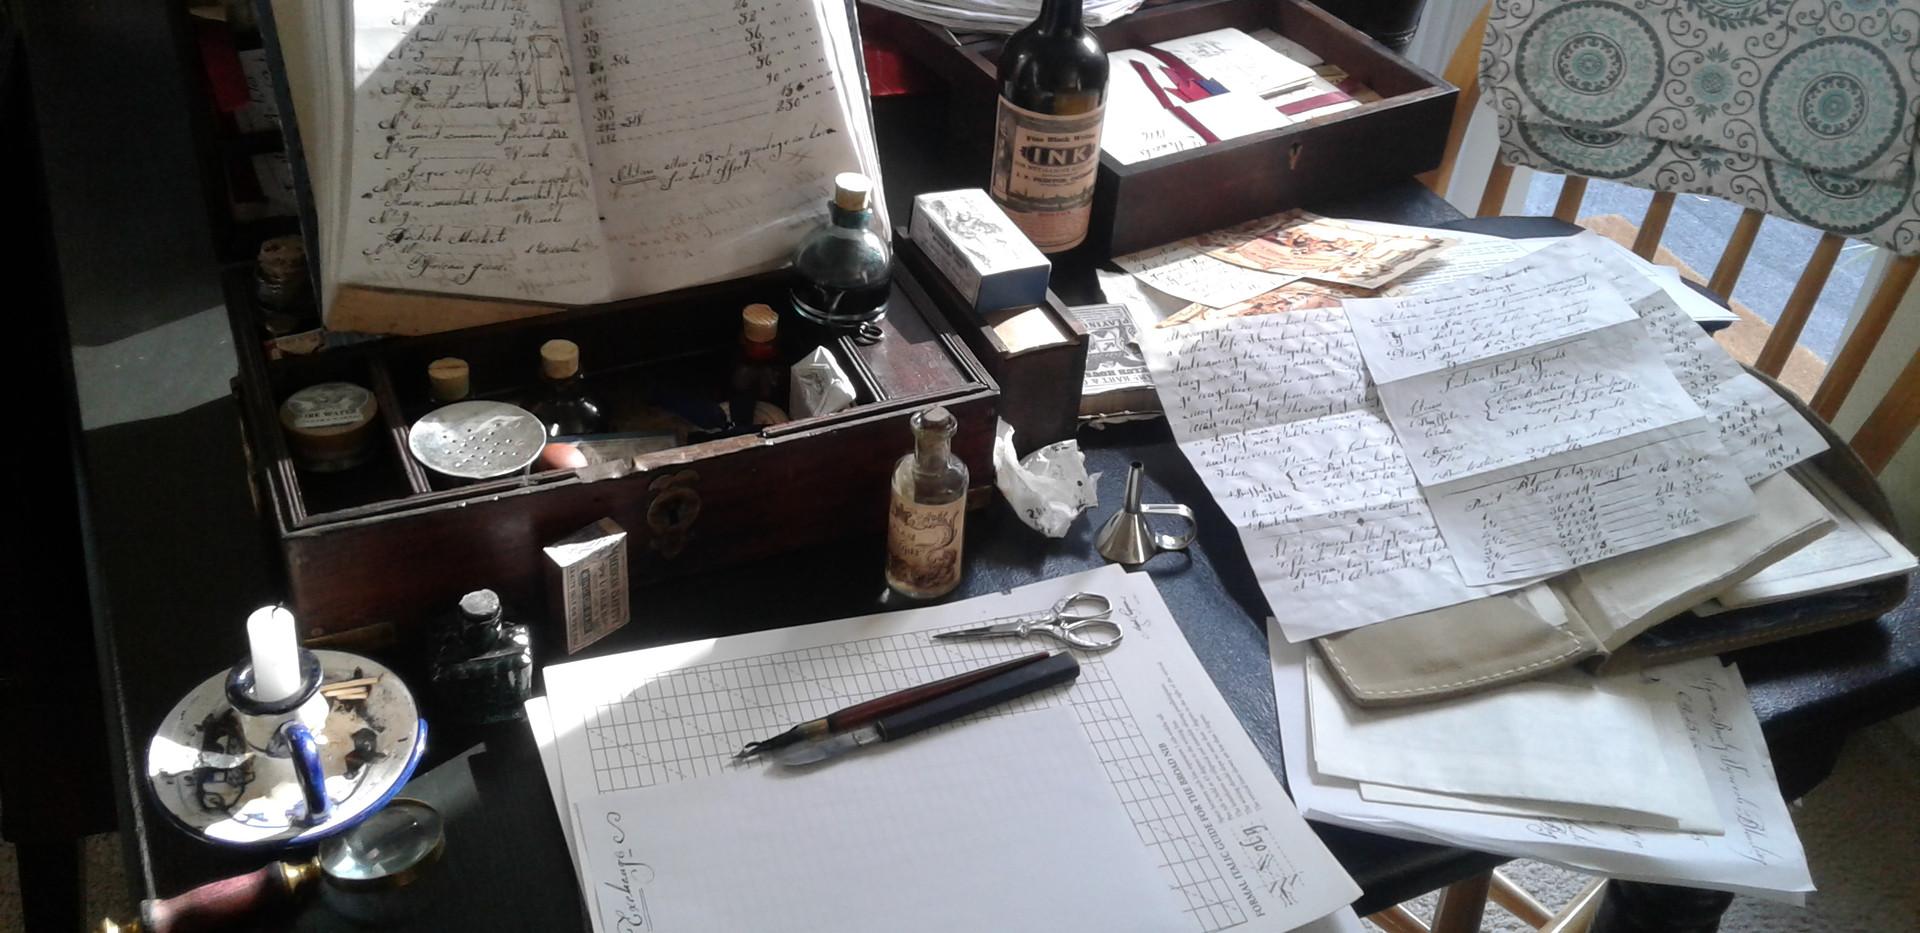 Desk Papers6.jpg